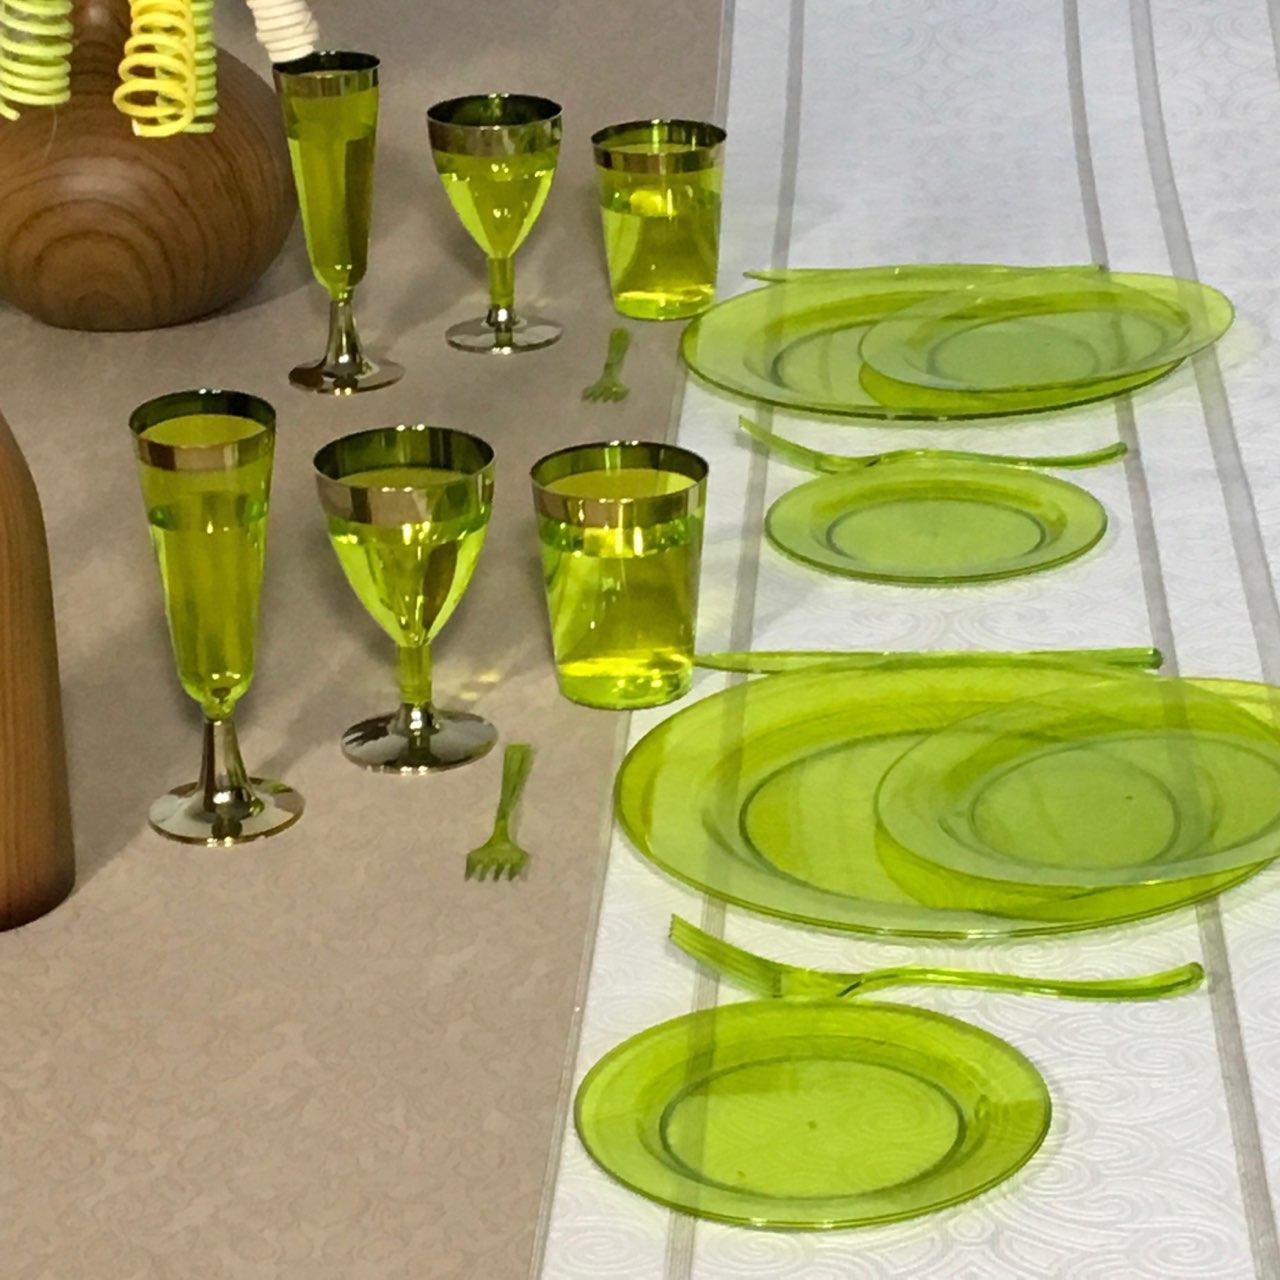 Тарелки одноразовые пластиковые  оптом от производителя  для ресторанов, кейтеринга и хореки CFP 6 шт  190 мм